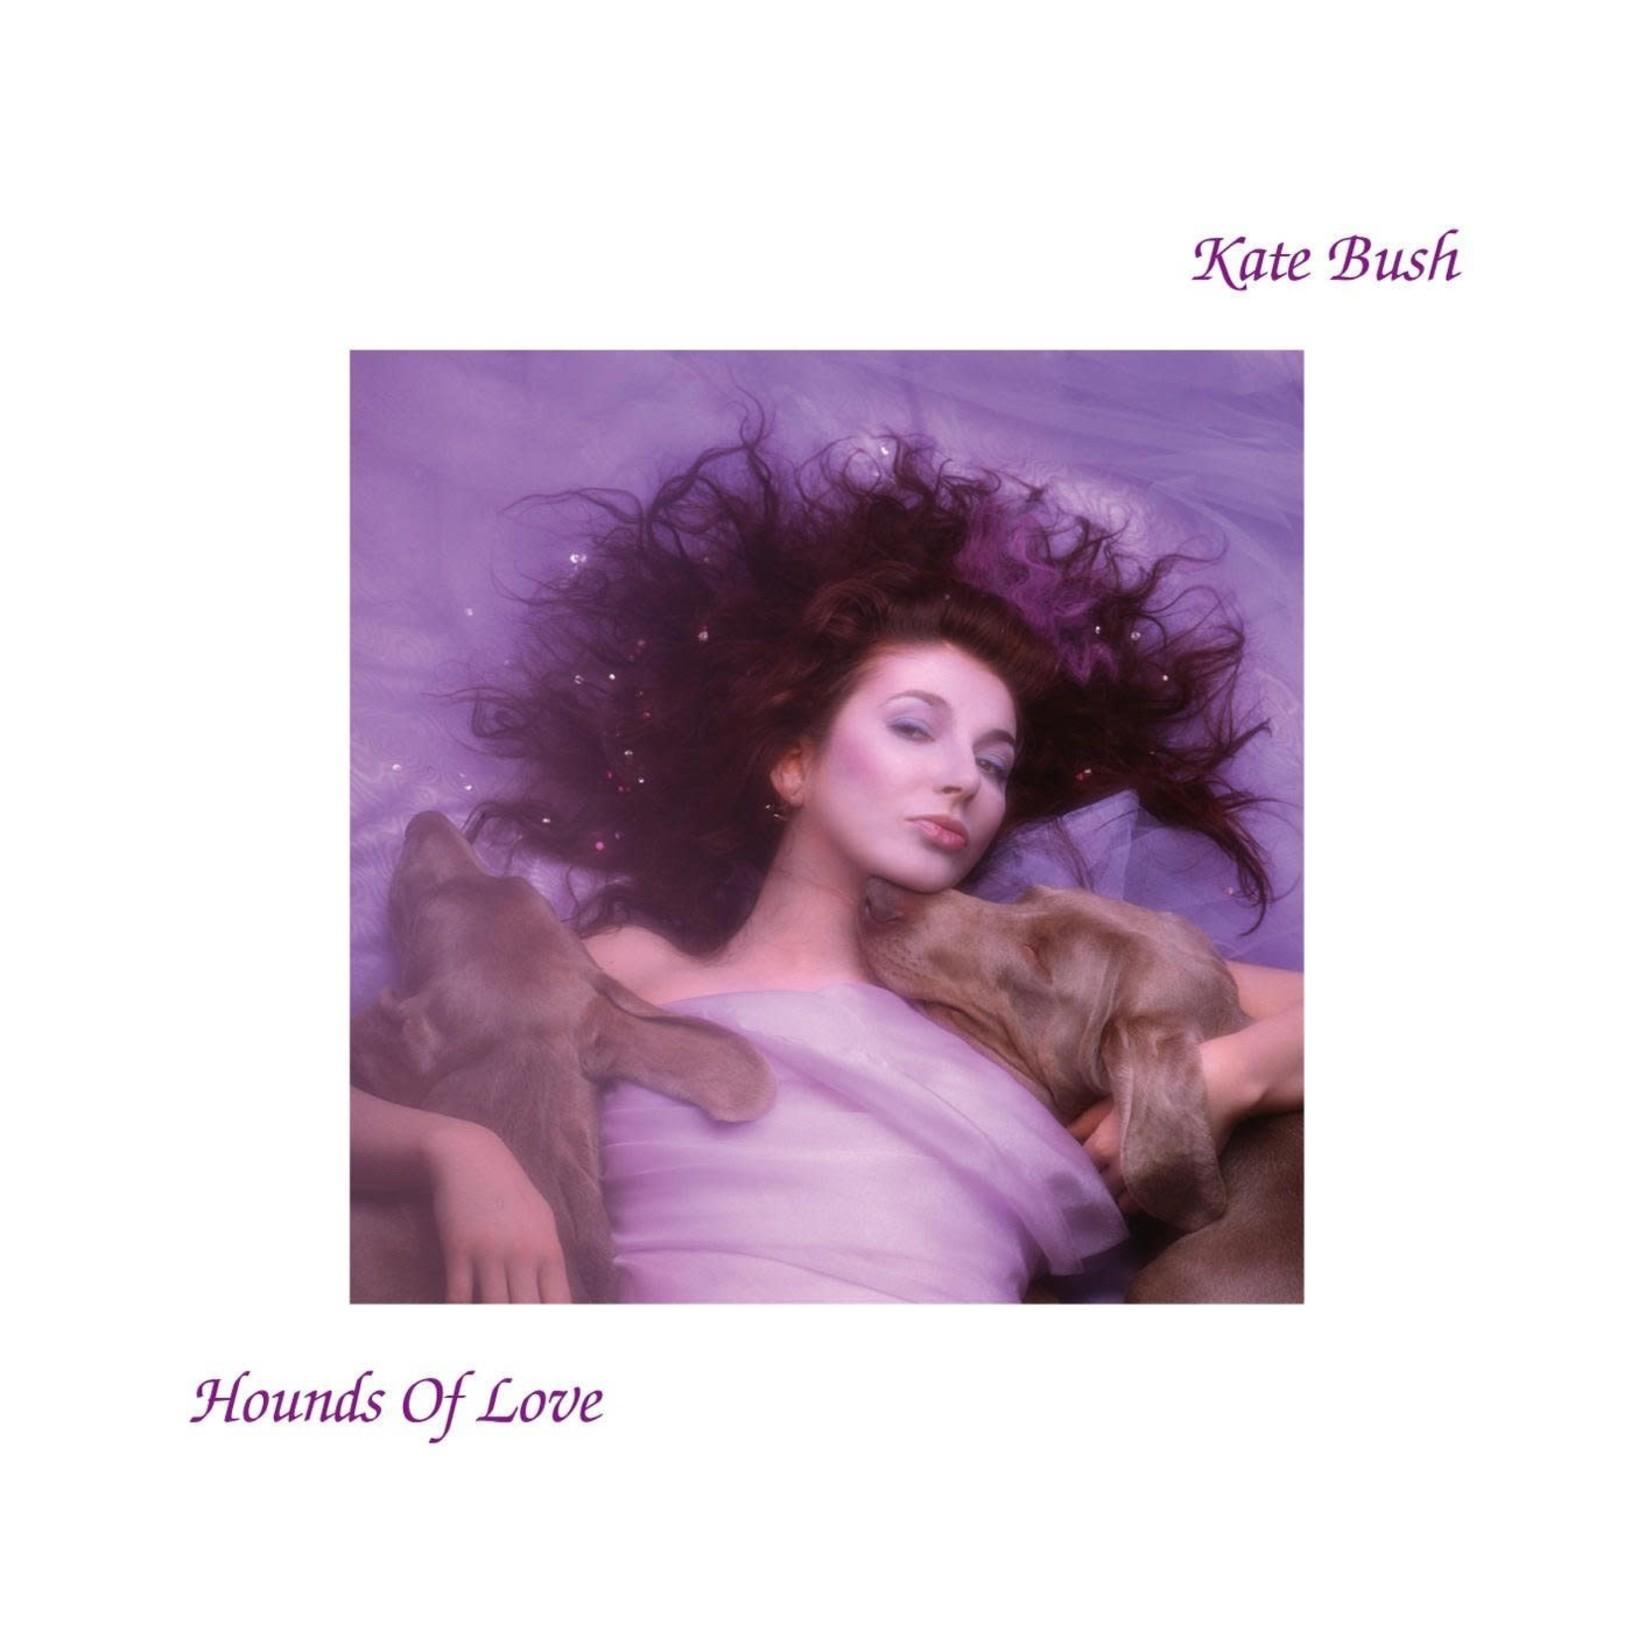 [Vintage] Bush, Kate: Hounds of Love